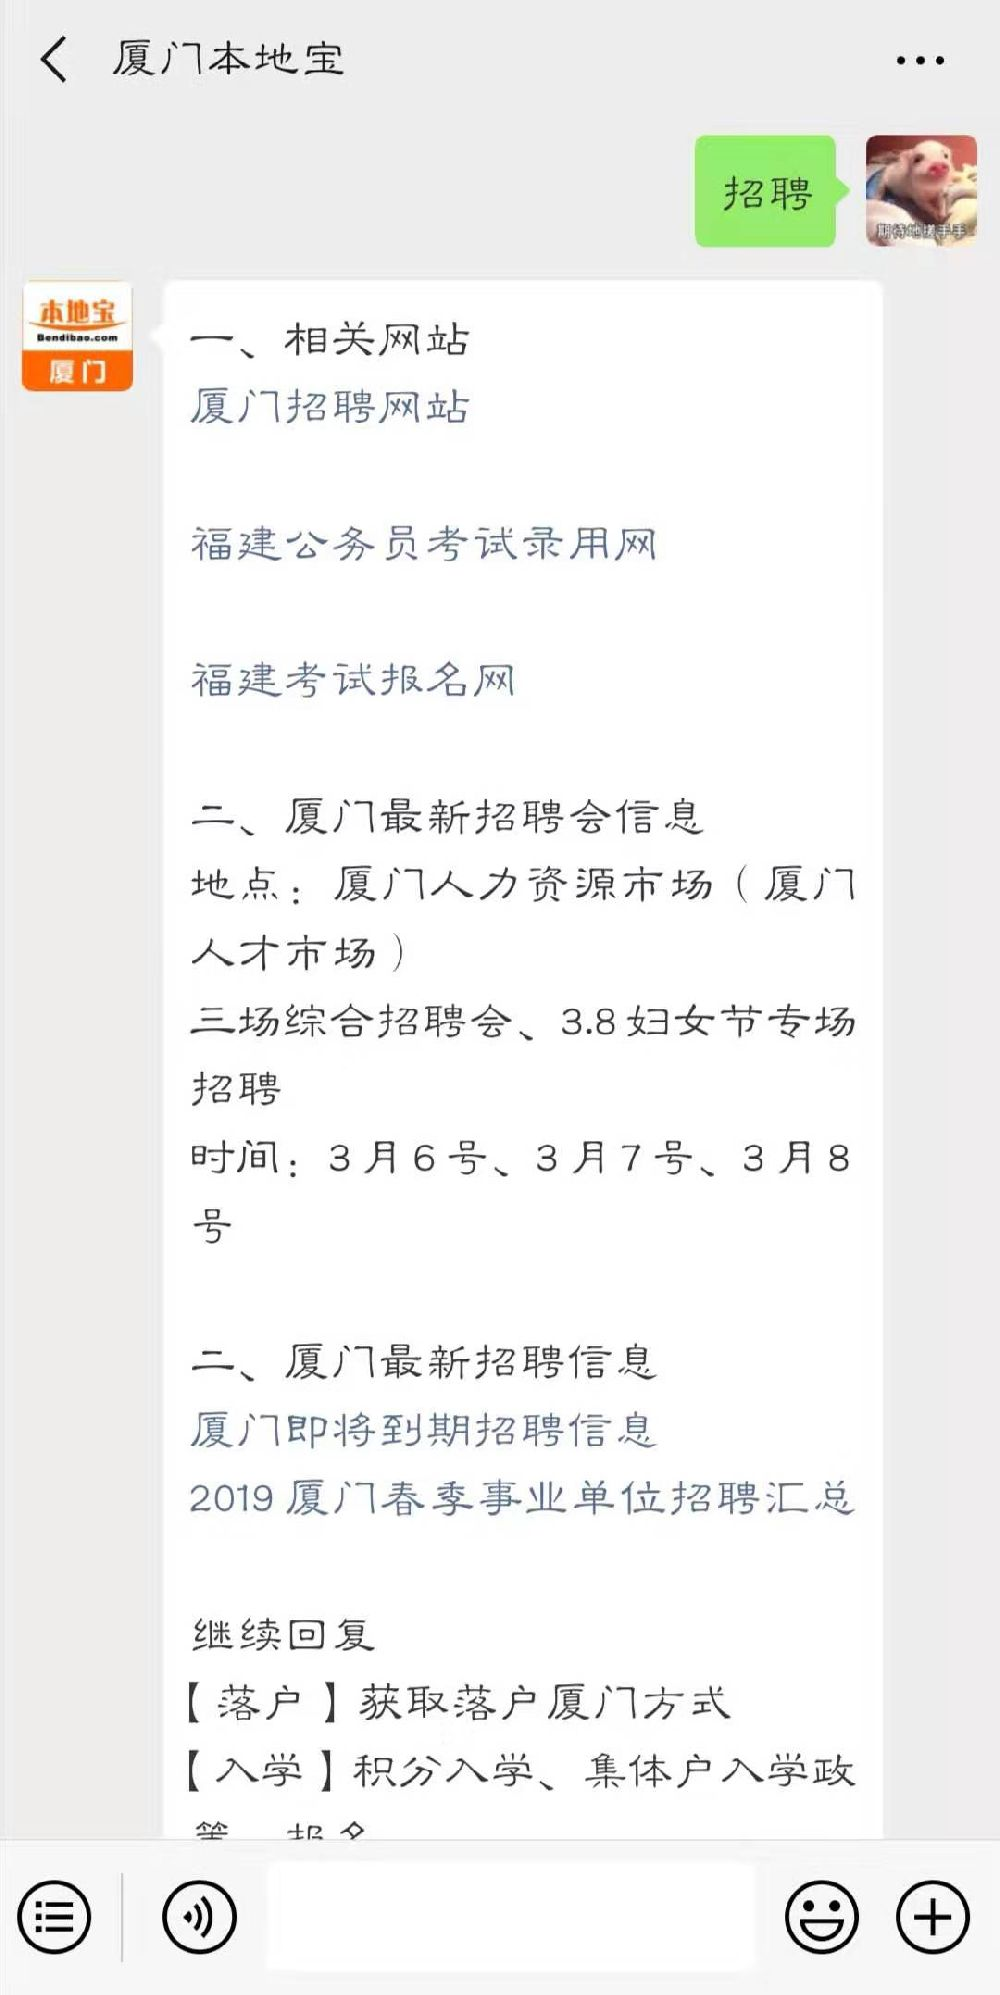 2019厦门春节事业单位招聘